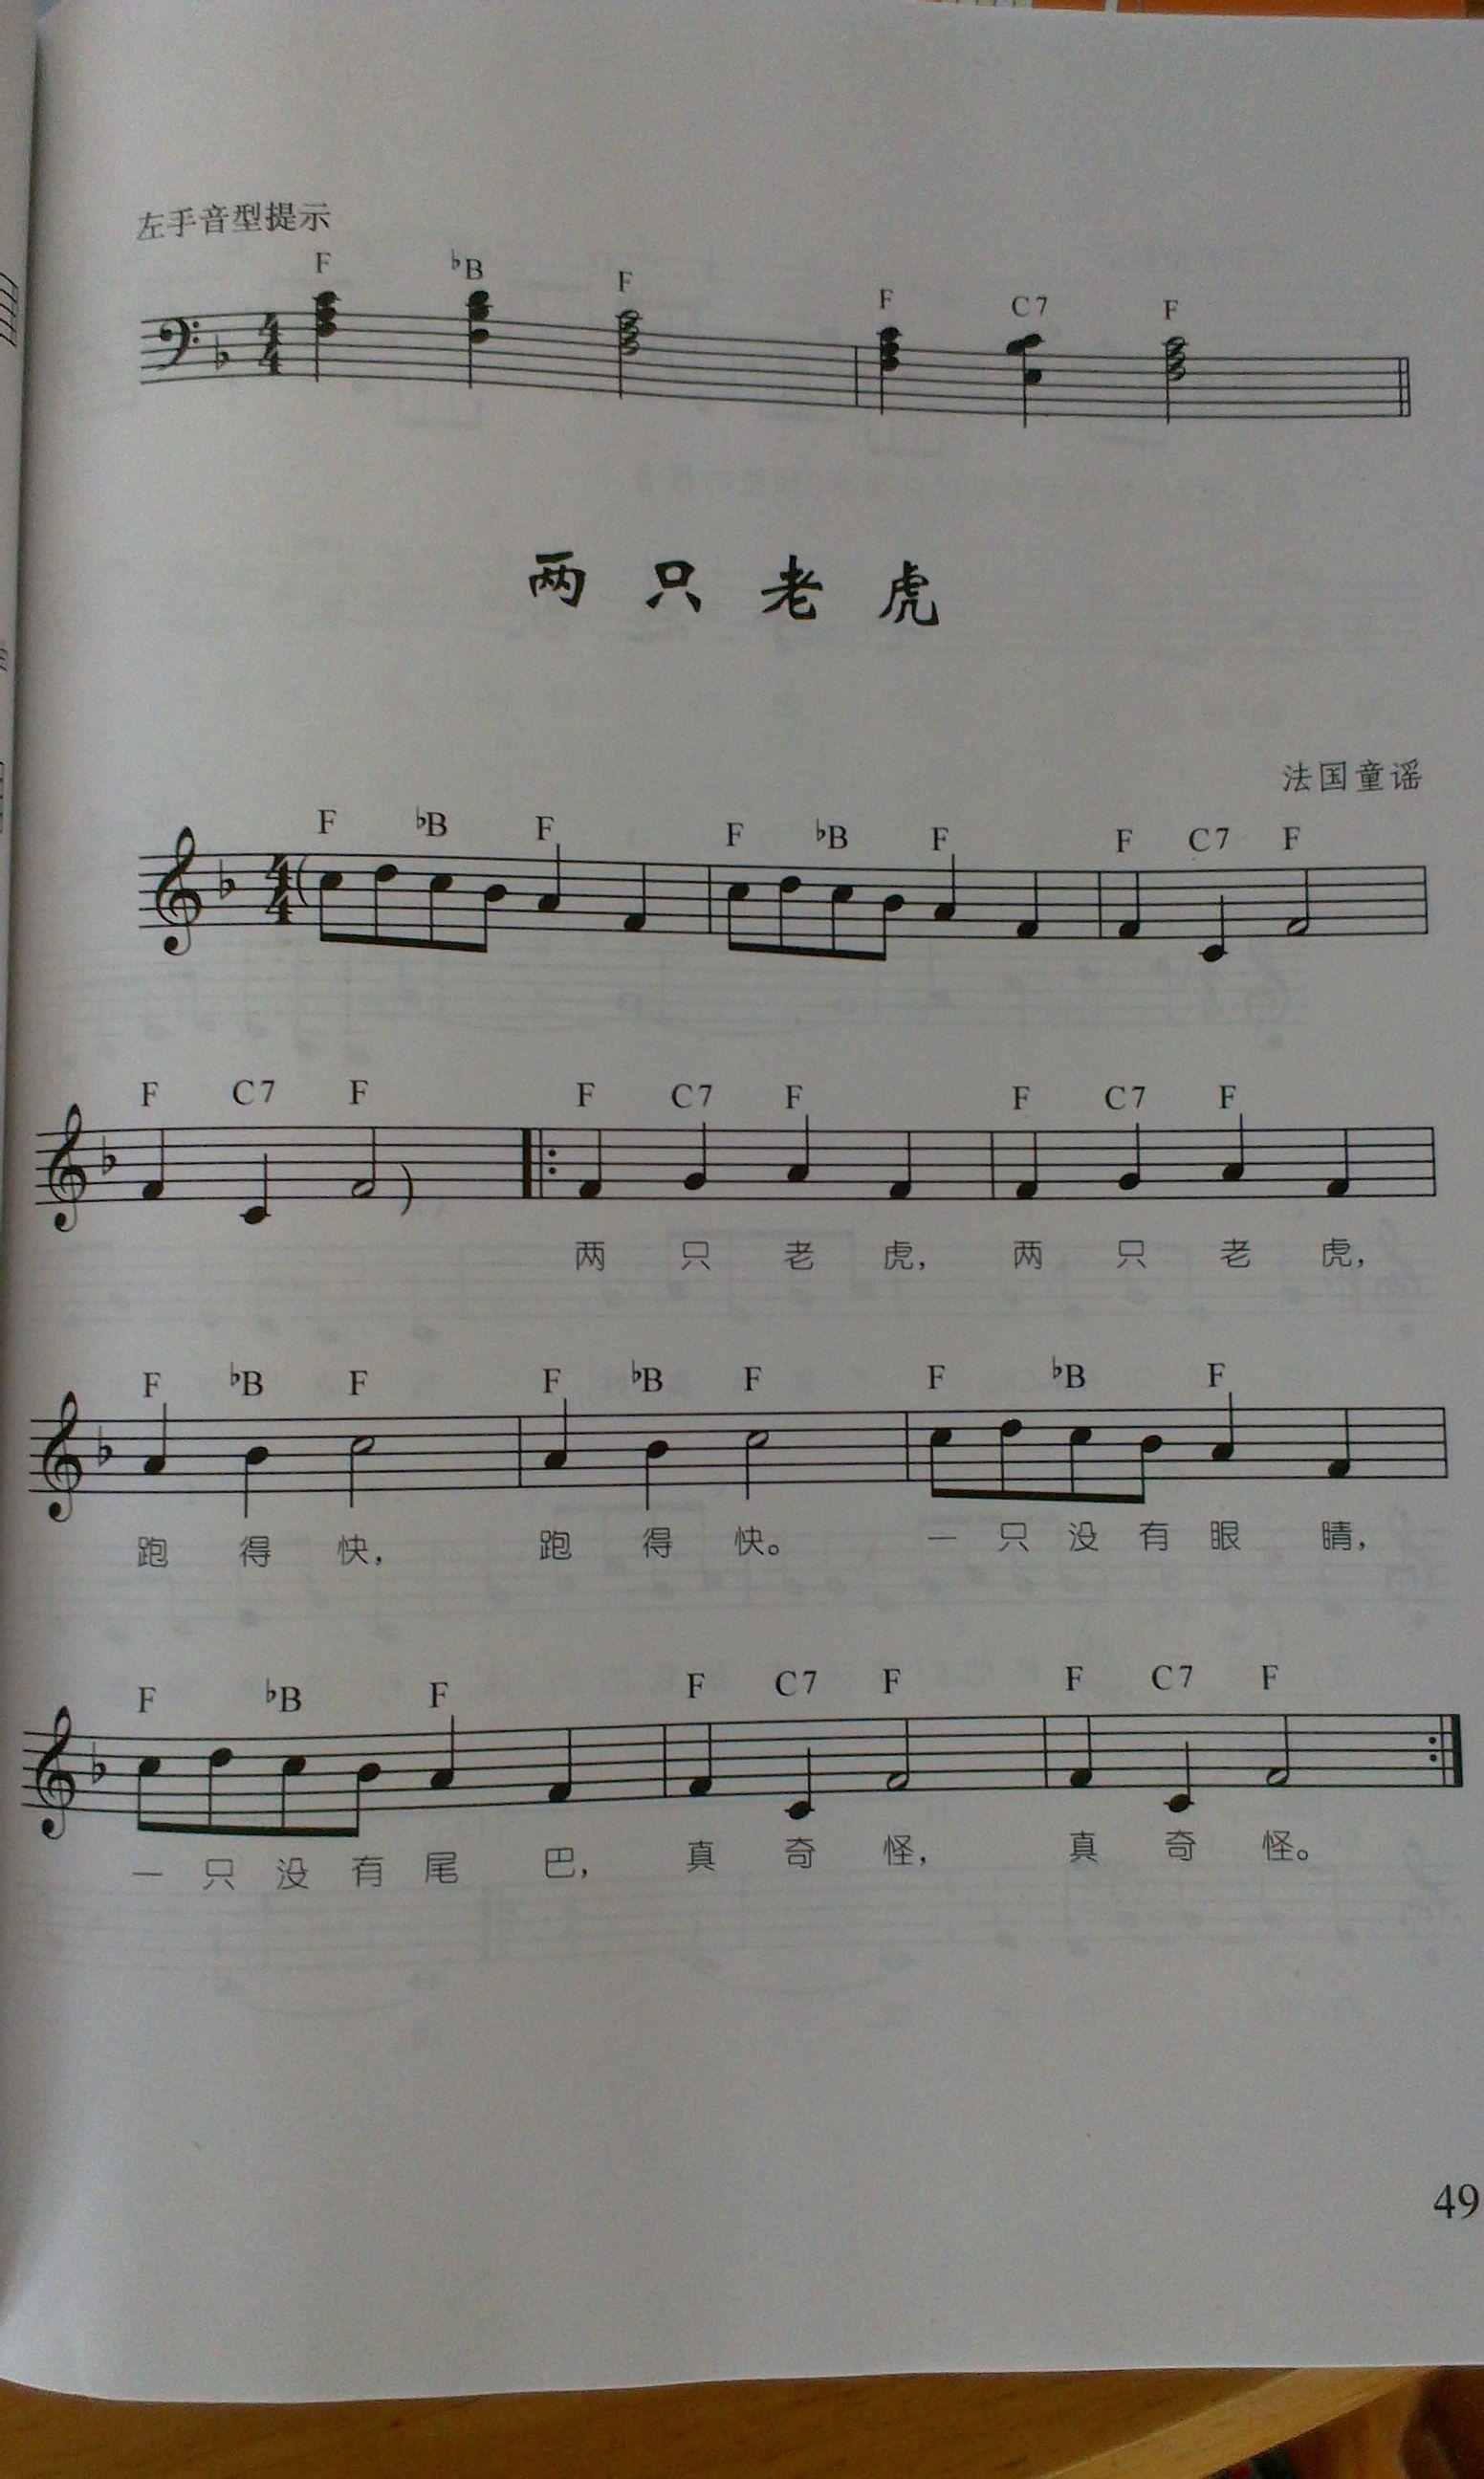 儿歌吉他谱大全_儿歌吉他谱简单版六线谱_弹唱谱_  小星星吉他谱简谱图片